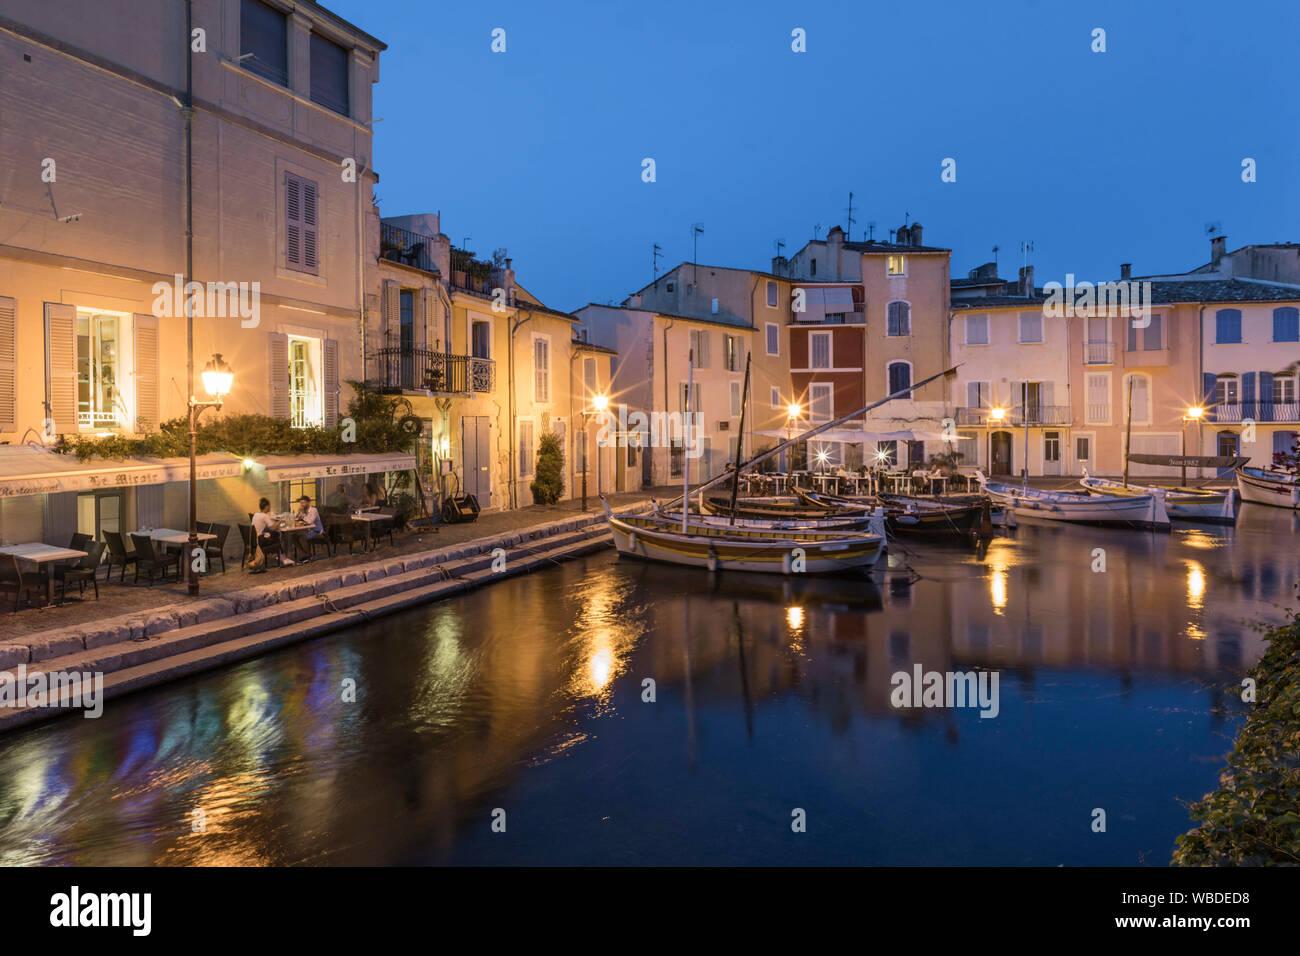 Canal de Caronte in Martigues, little venice,  Département Bouches-du-Rhône, france Stock Photo